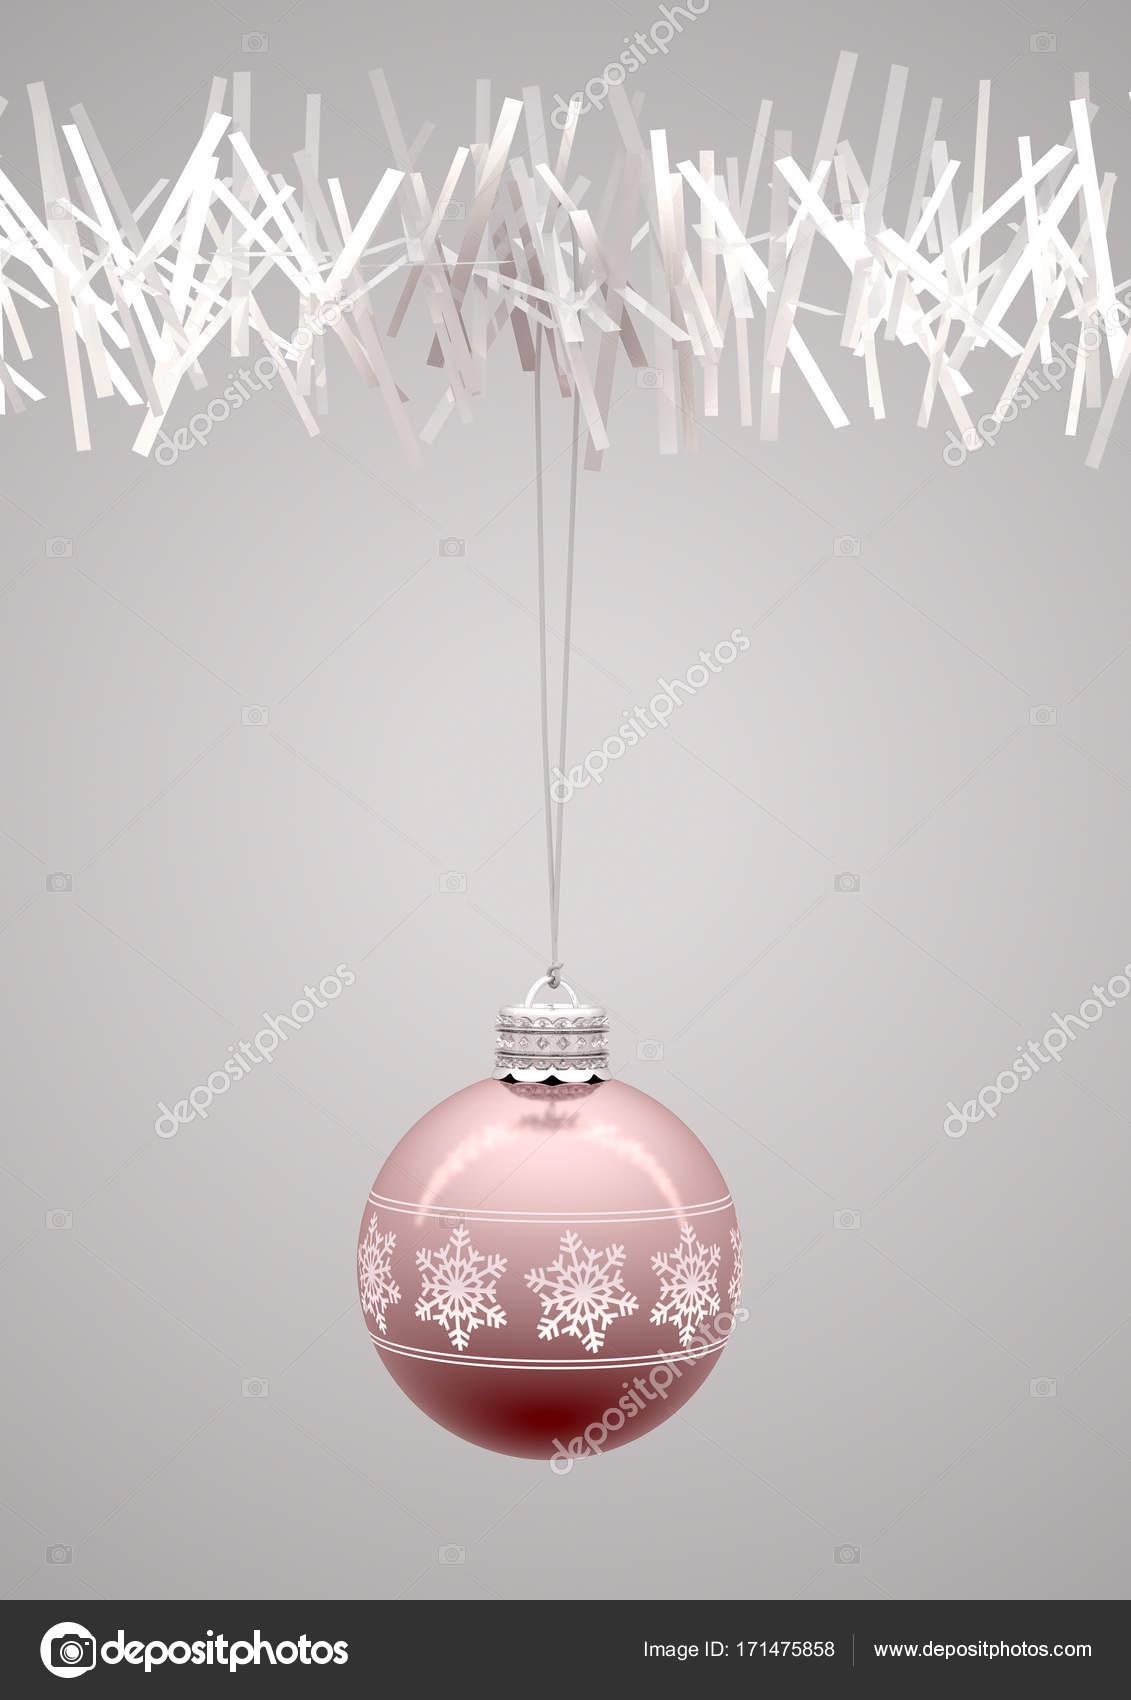 Christbaumkugeln Rosegold.Rose Gold Weihnachten Baubels Stockfoto C Albund 171475858